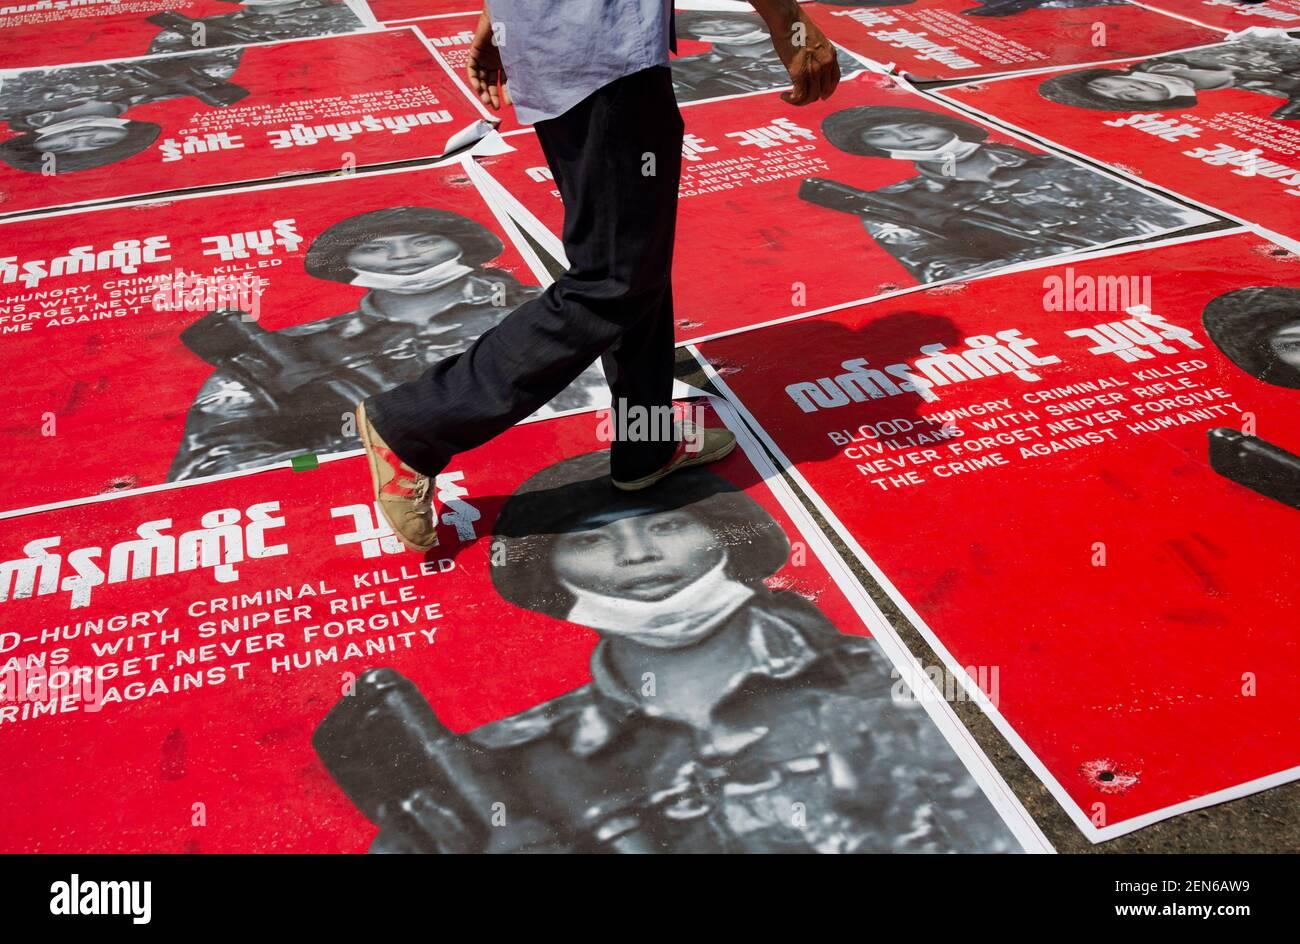 Yangon, Myanmar. Februar 2021, 22nd. Ein Protestant tritt auf ein Porträt von Myanmars Soldaten, der während des Protestes Zivilisten in der Mandalay-Demonstration getötet hat. Eine riesige Menschenmenge ging auf die Straßen von Yangon, um gegen den Militärputsch zu protestieren und forderte die Freilassung von Aung San Suu Kyi. Das Militär von Myanmar nahm am 01. Februar 2021 die staatliche Beraterin von Myanmar Aung San Suu Kyi fest und verhängte den Ausnahmezustand, während sie die Macht im Land für ein Jahr ergattete, nachdem sie die Wahl gegen die National League for Democracy verloren hatte.Quelle: Aung Kyaw Htet/SOPA Images/ZUMA Wire/Alamy Live News Stockfoto